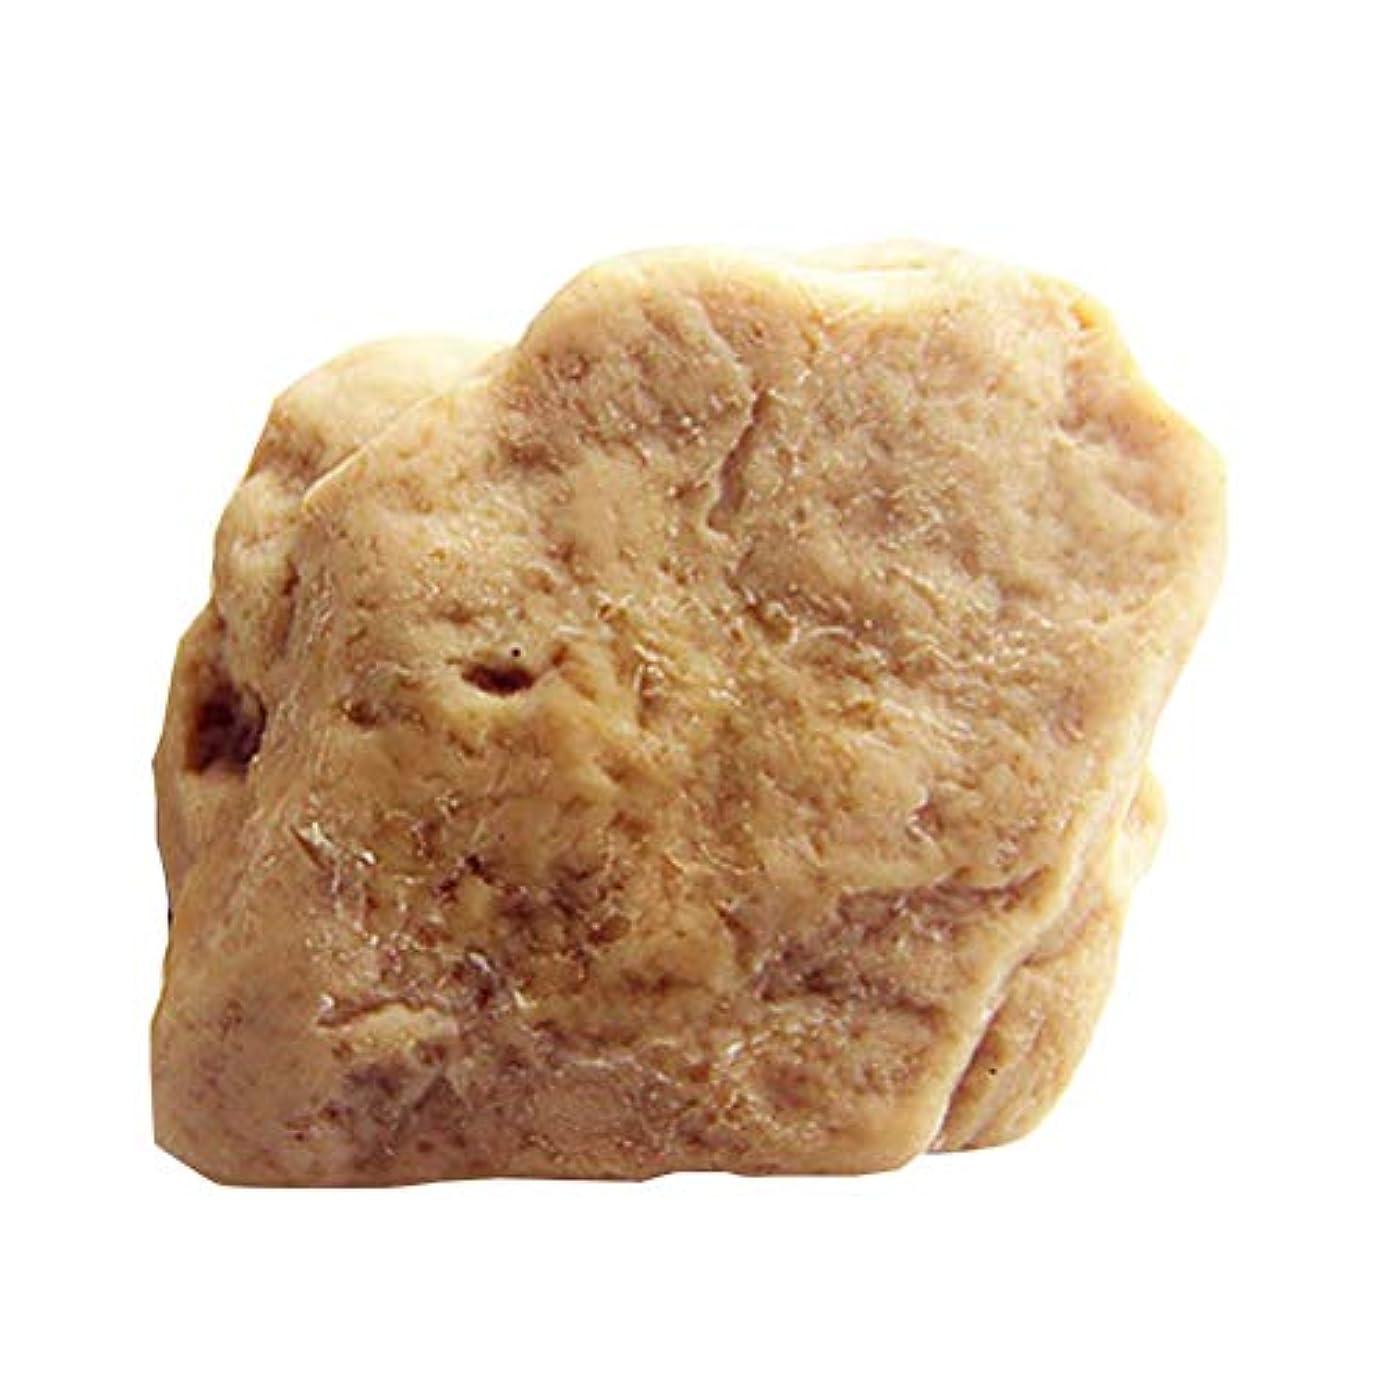 一目防ぐ壊れたCreacom オリーブオイル 石鹸 肌に優しい無添加 毛穴 対策 洗顔石鹸 保湿 固形 毛穴 黒ずみ 肌荒れ くすみ ニキビ 美白 美肌 角質除去 肌荒れ 乾燥肌 オイル肌 混合肌 対策 全身可能